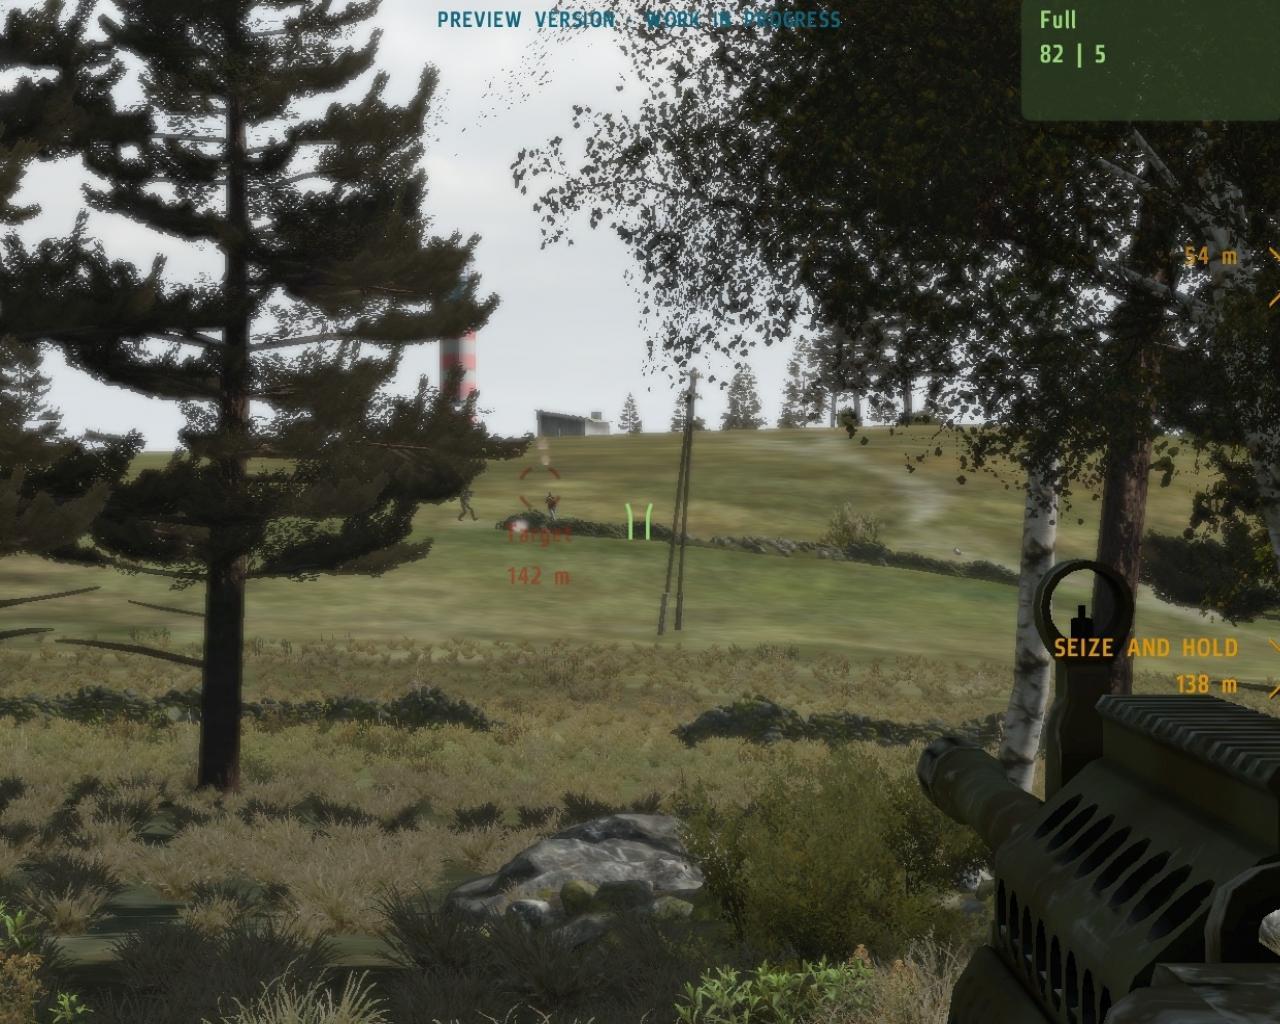 Скриншоты для игры ArmA 2.